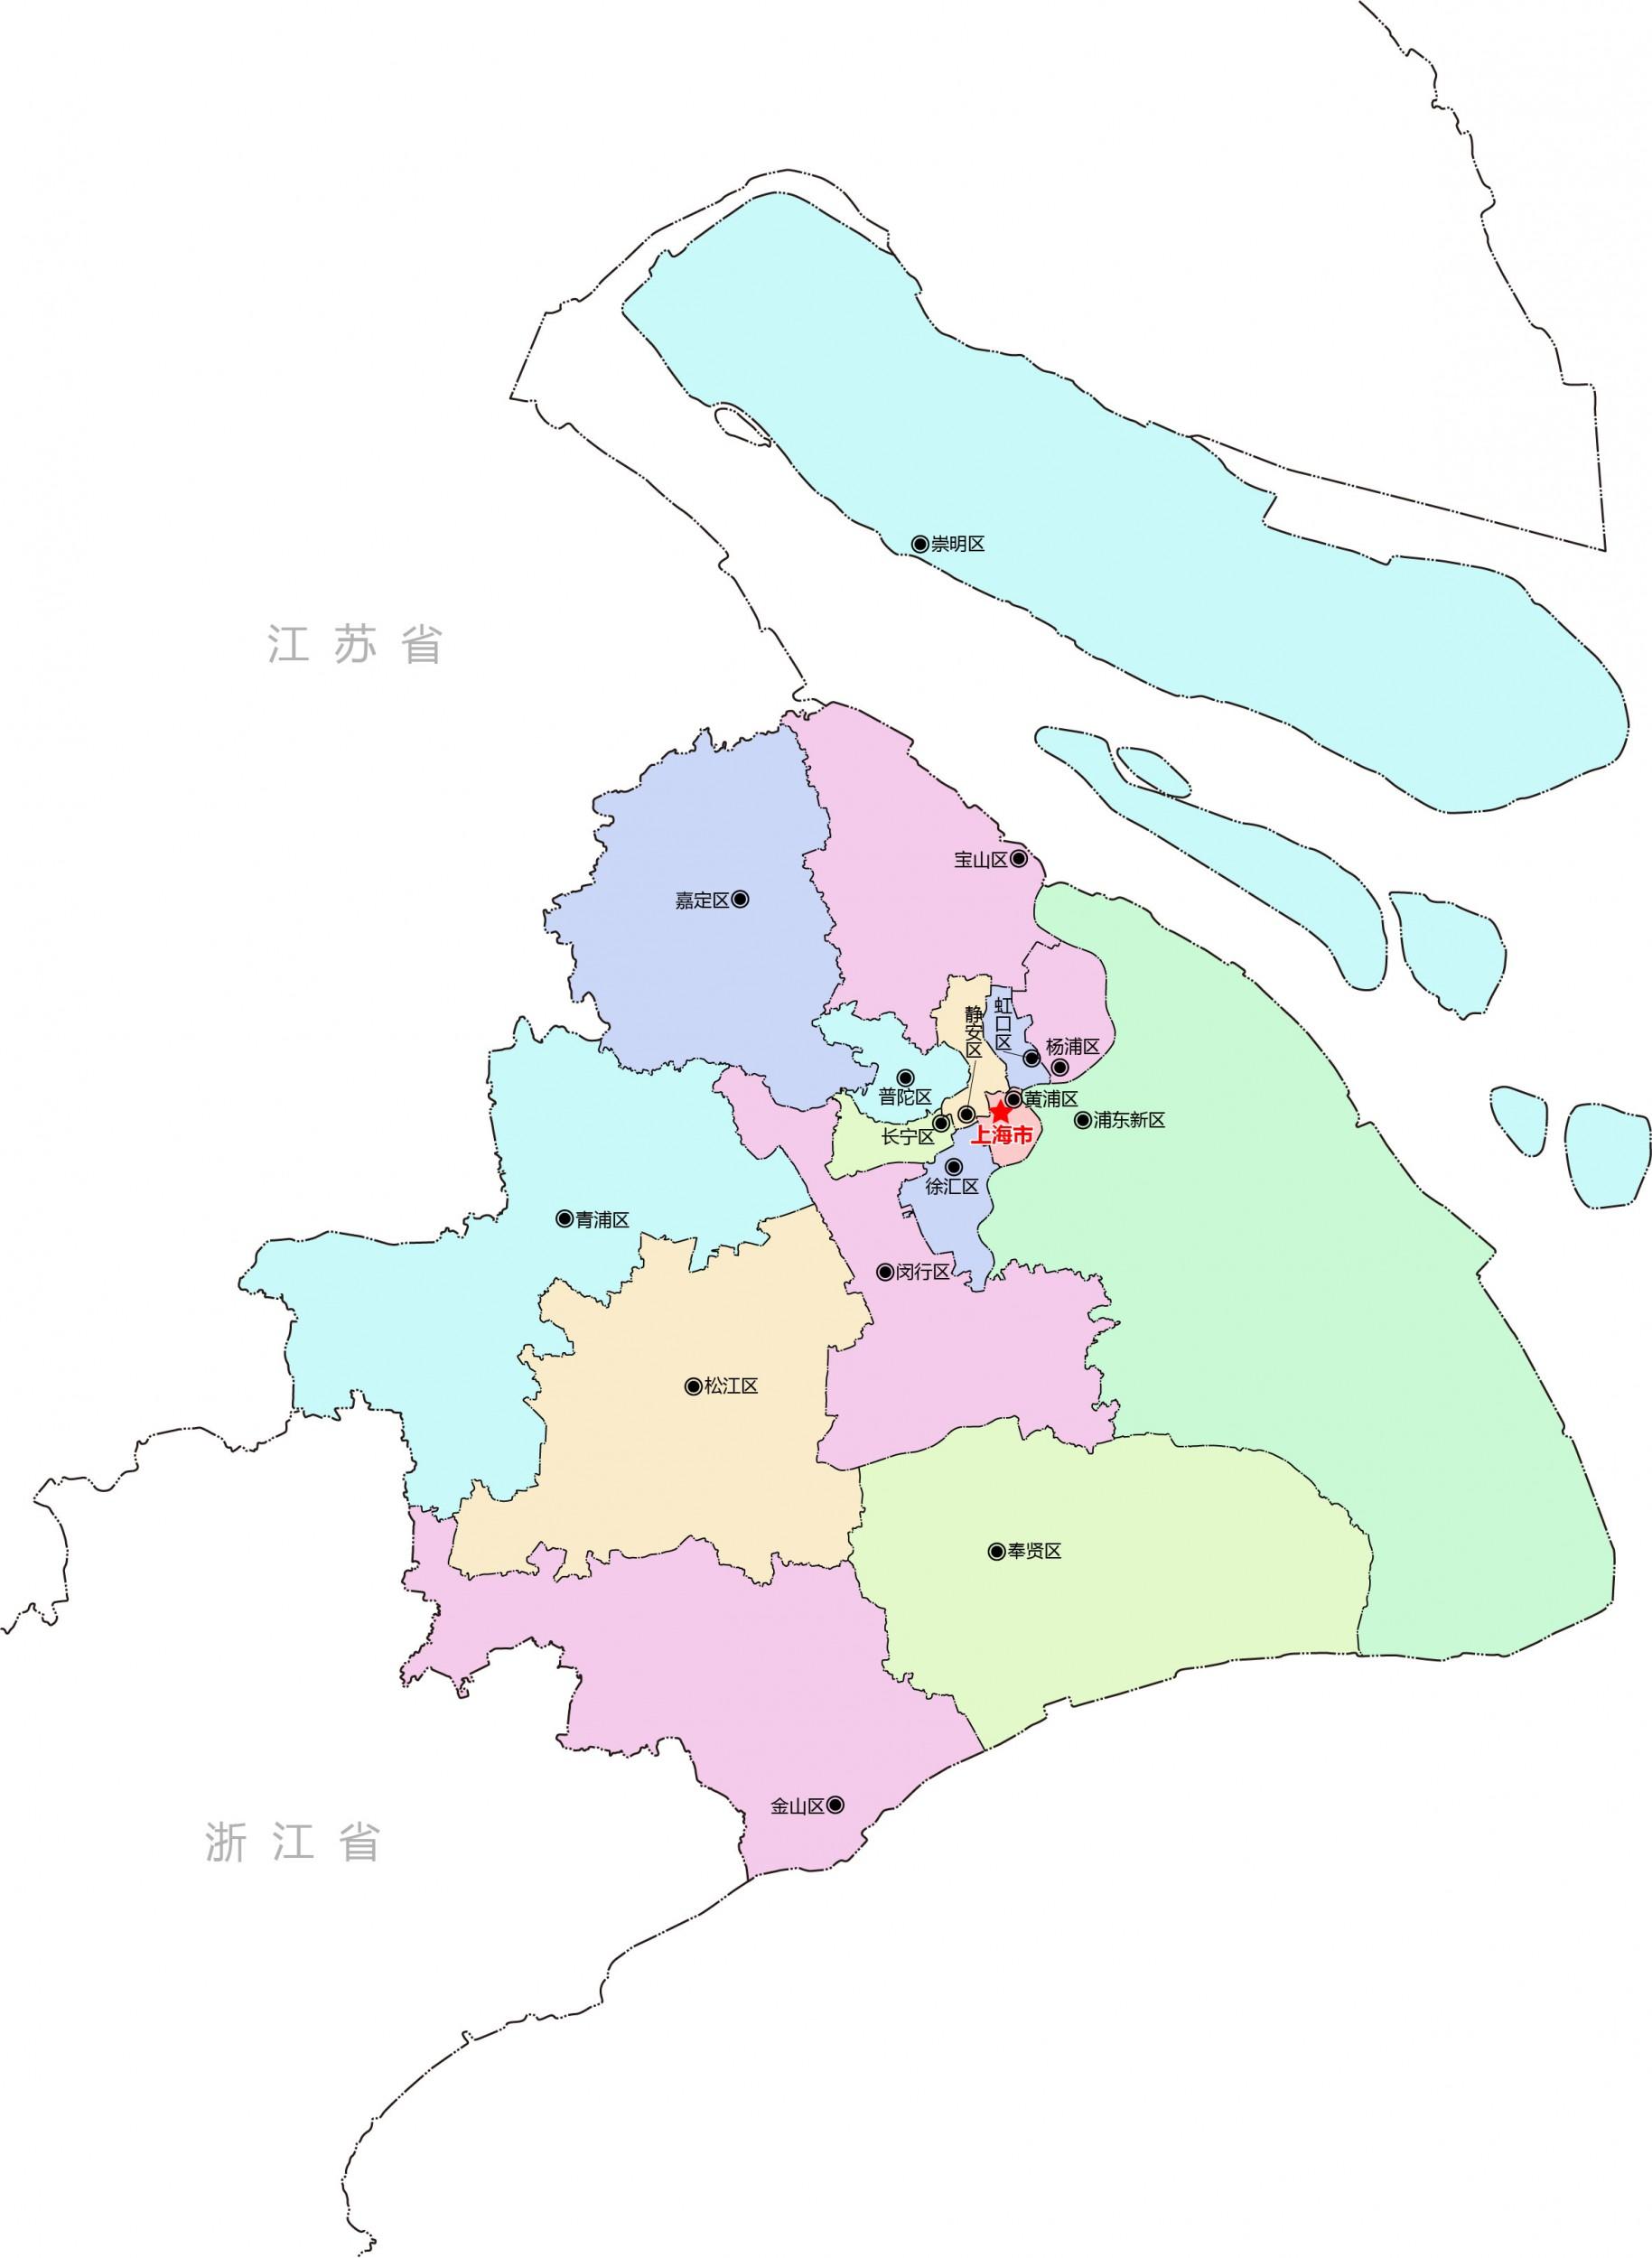 上海行政区划